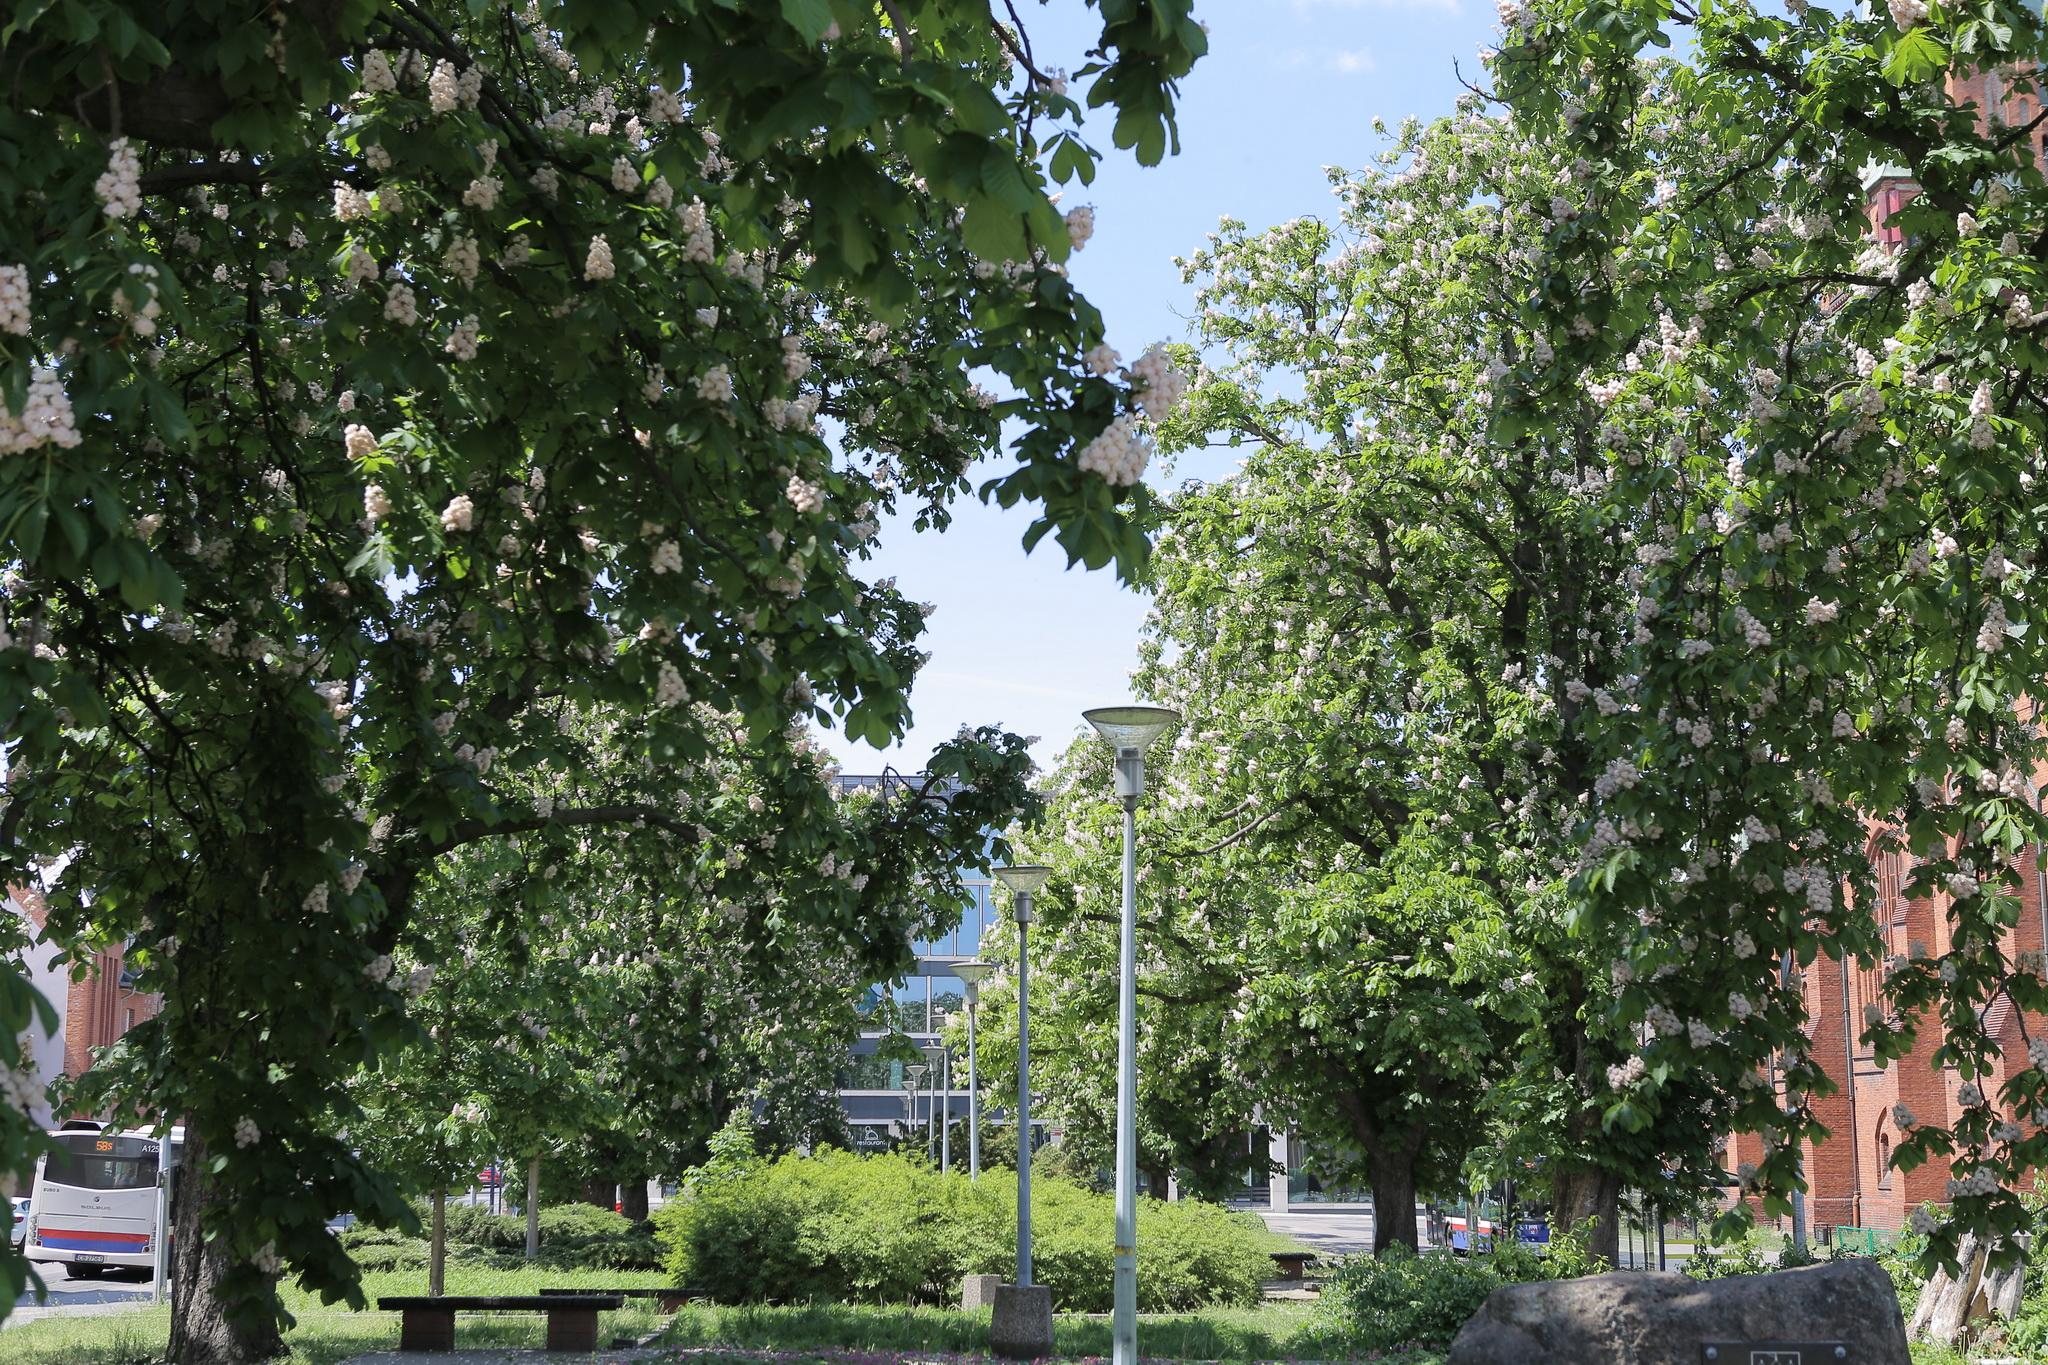 Najpopularniejsze gatunki drzew w mieście